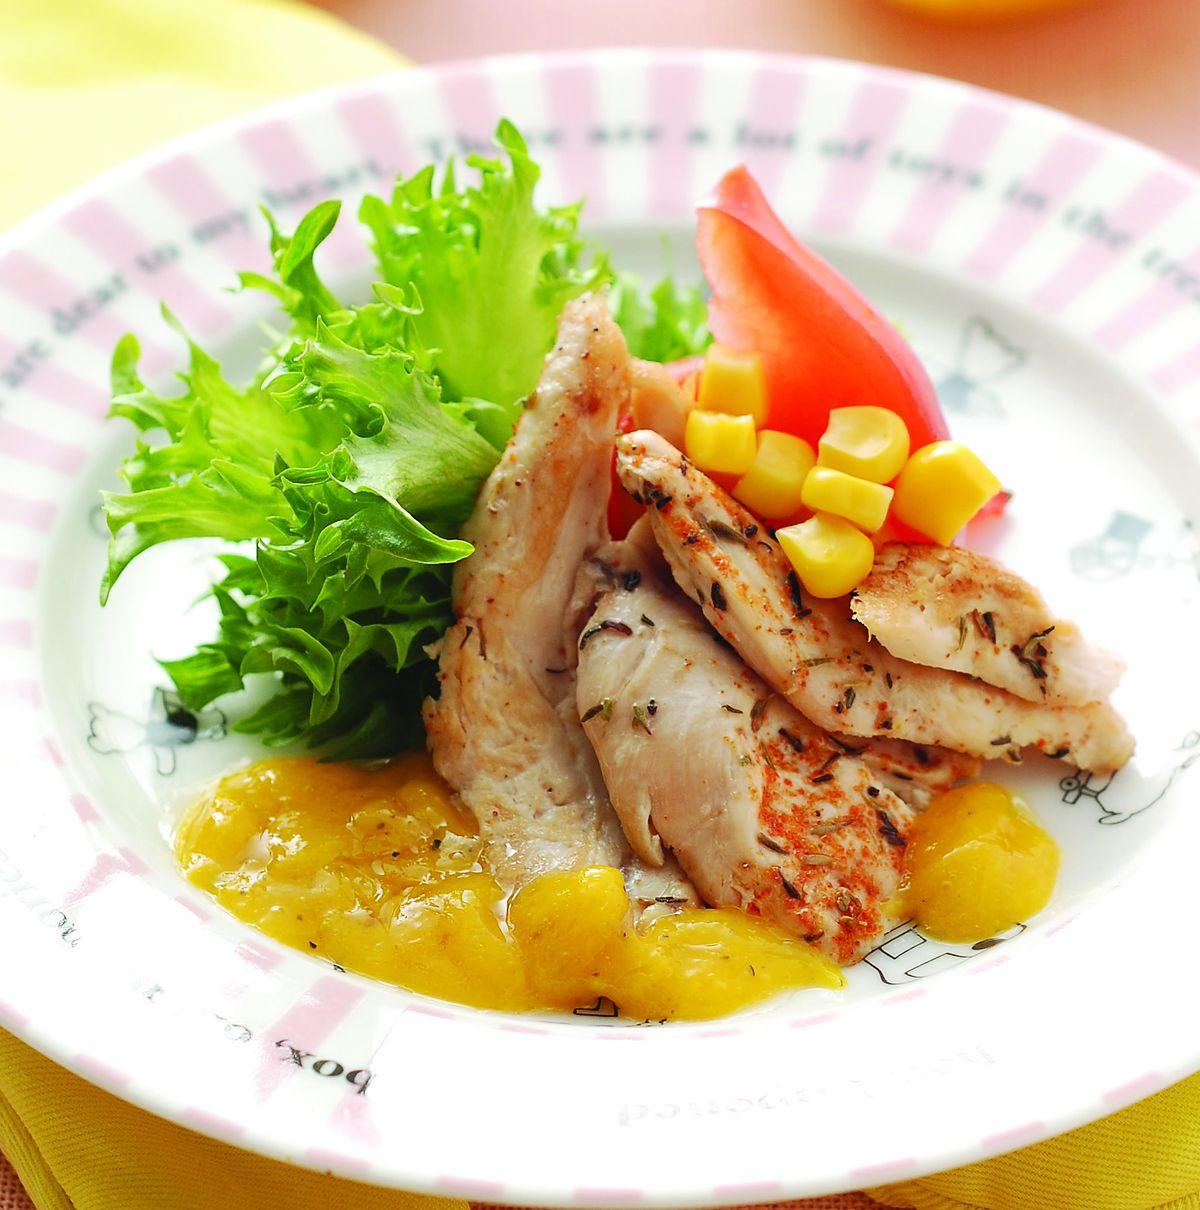 食譜:烤雞肉片蕃茄生菜沙拉